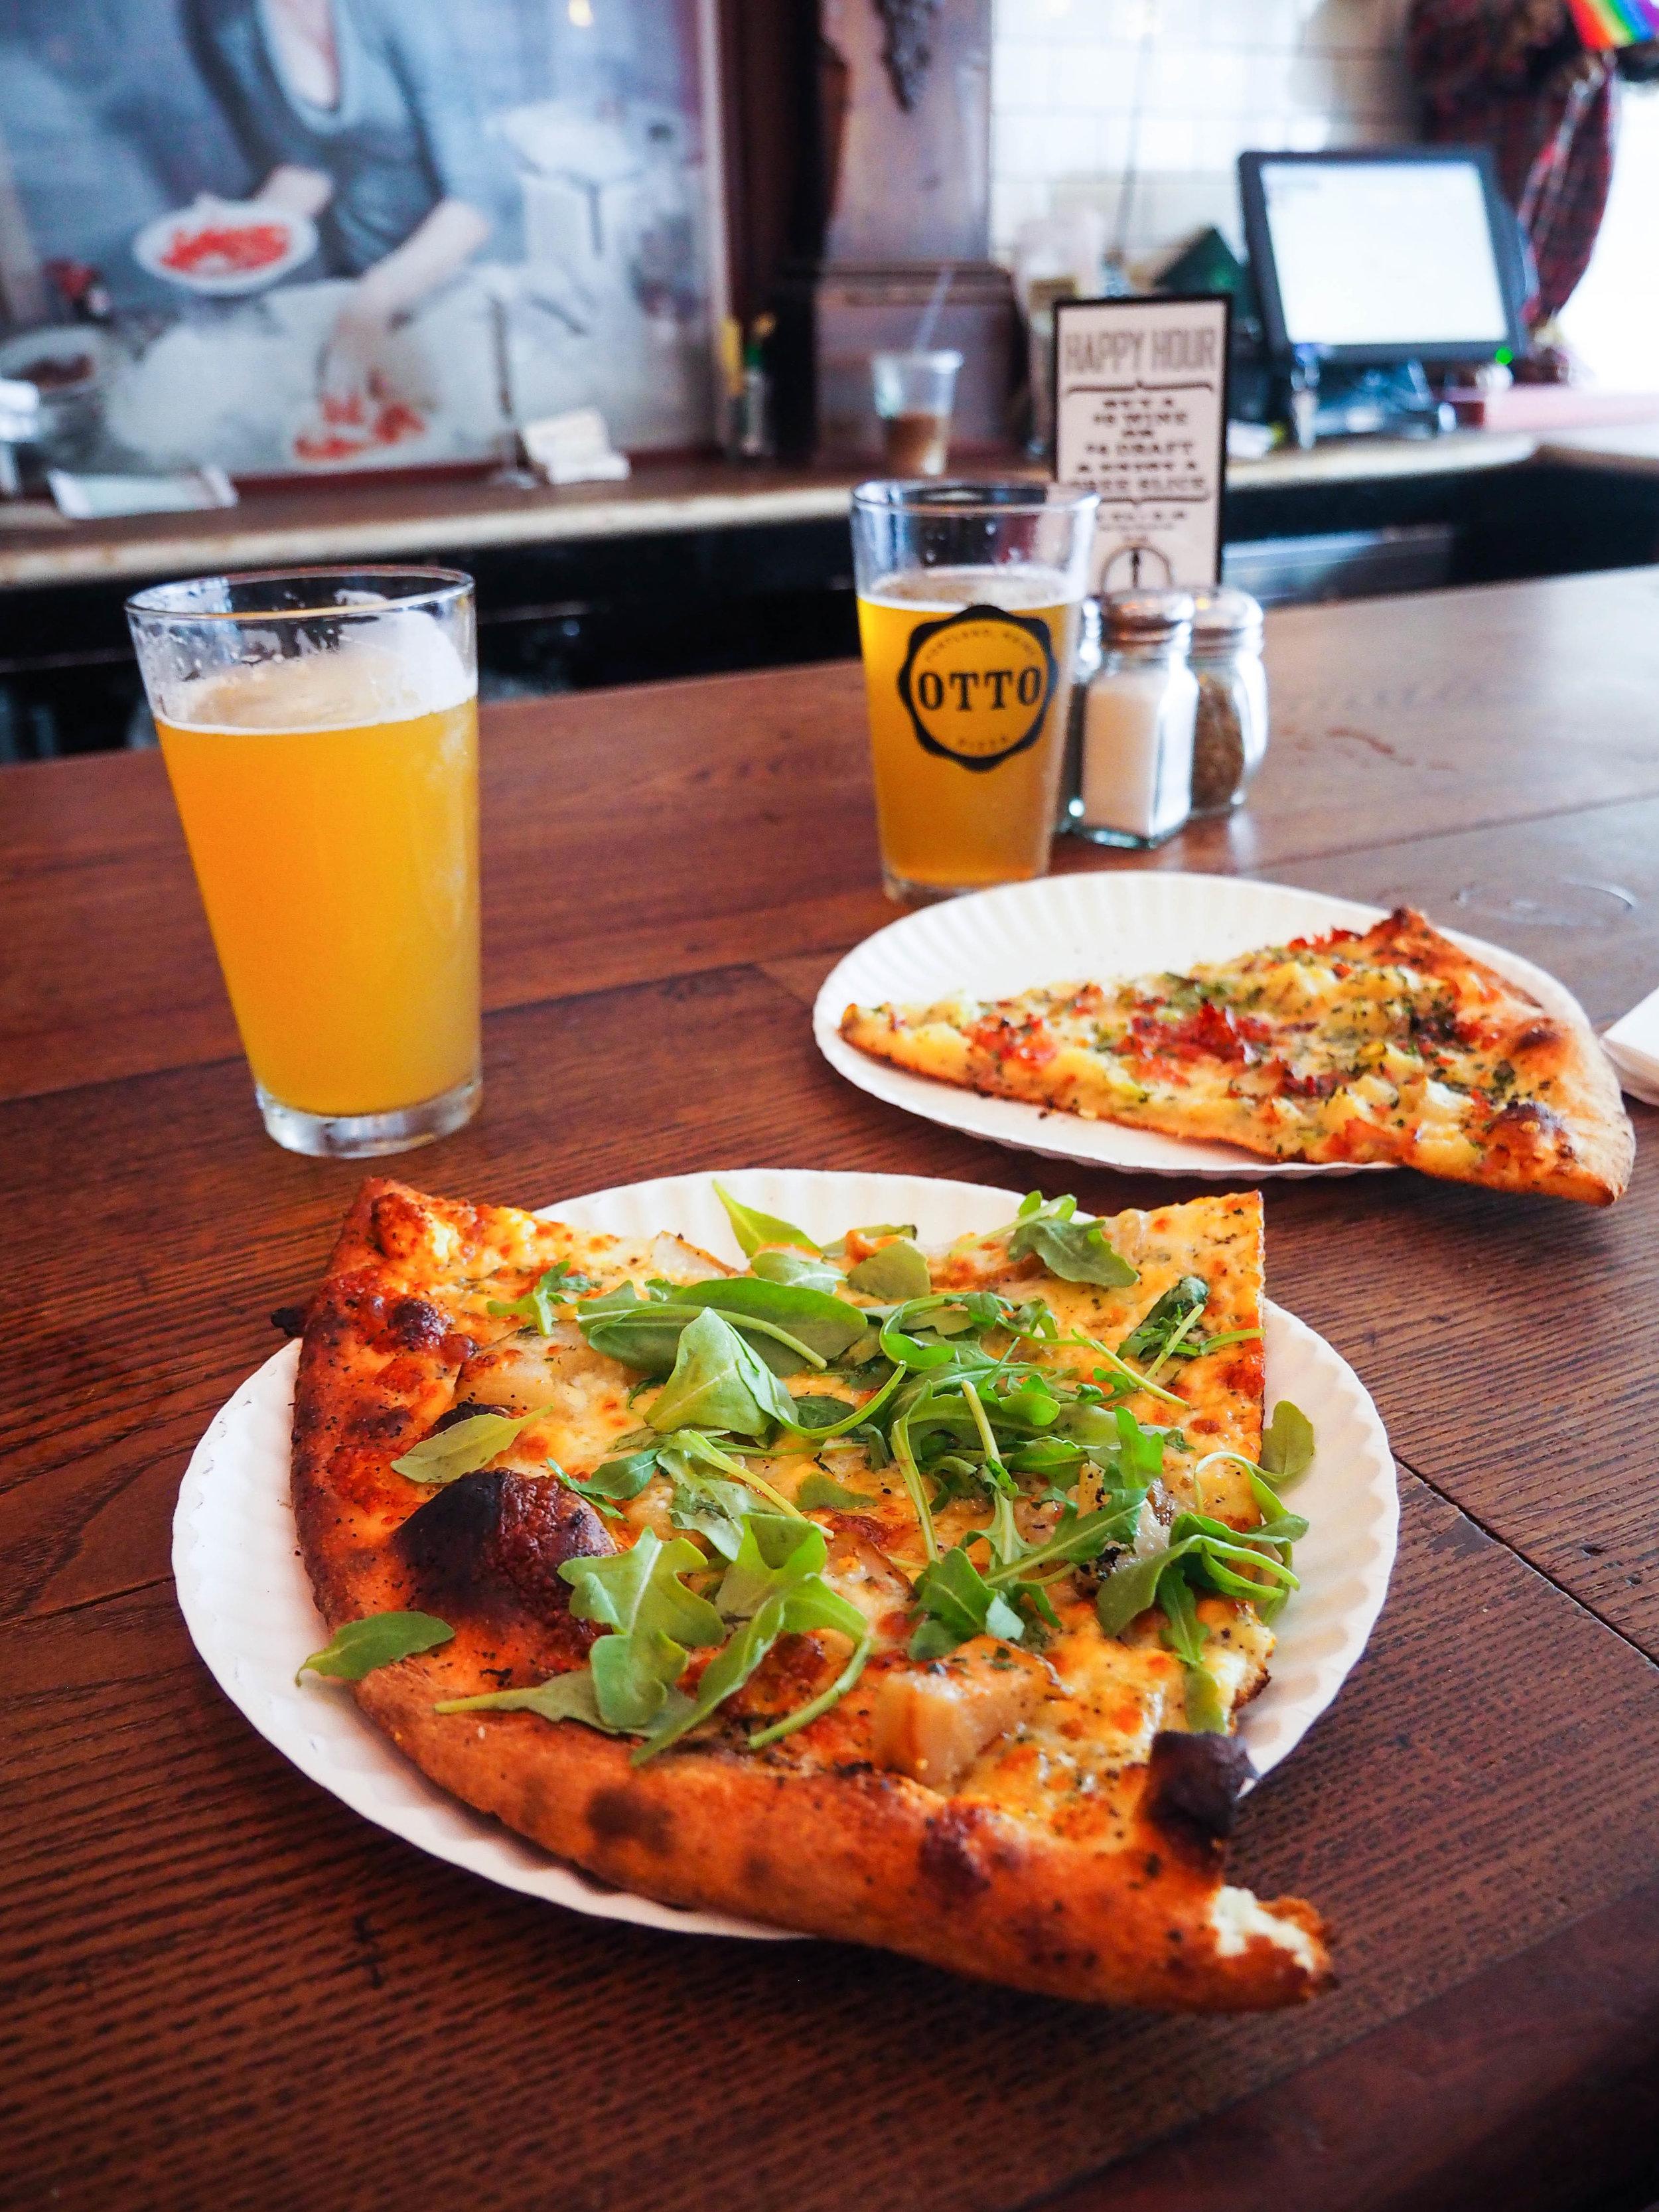 从龙虾餐厅买了一只龙虾,吃了个披萨。用一种香菇和肉粉,用肉和黄油干酪和黄油混合了一块洋葱。